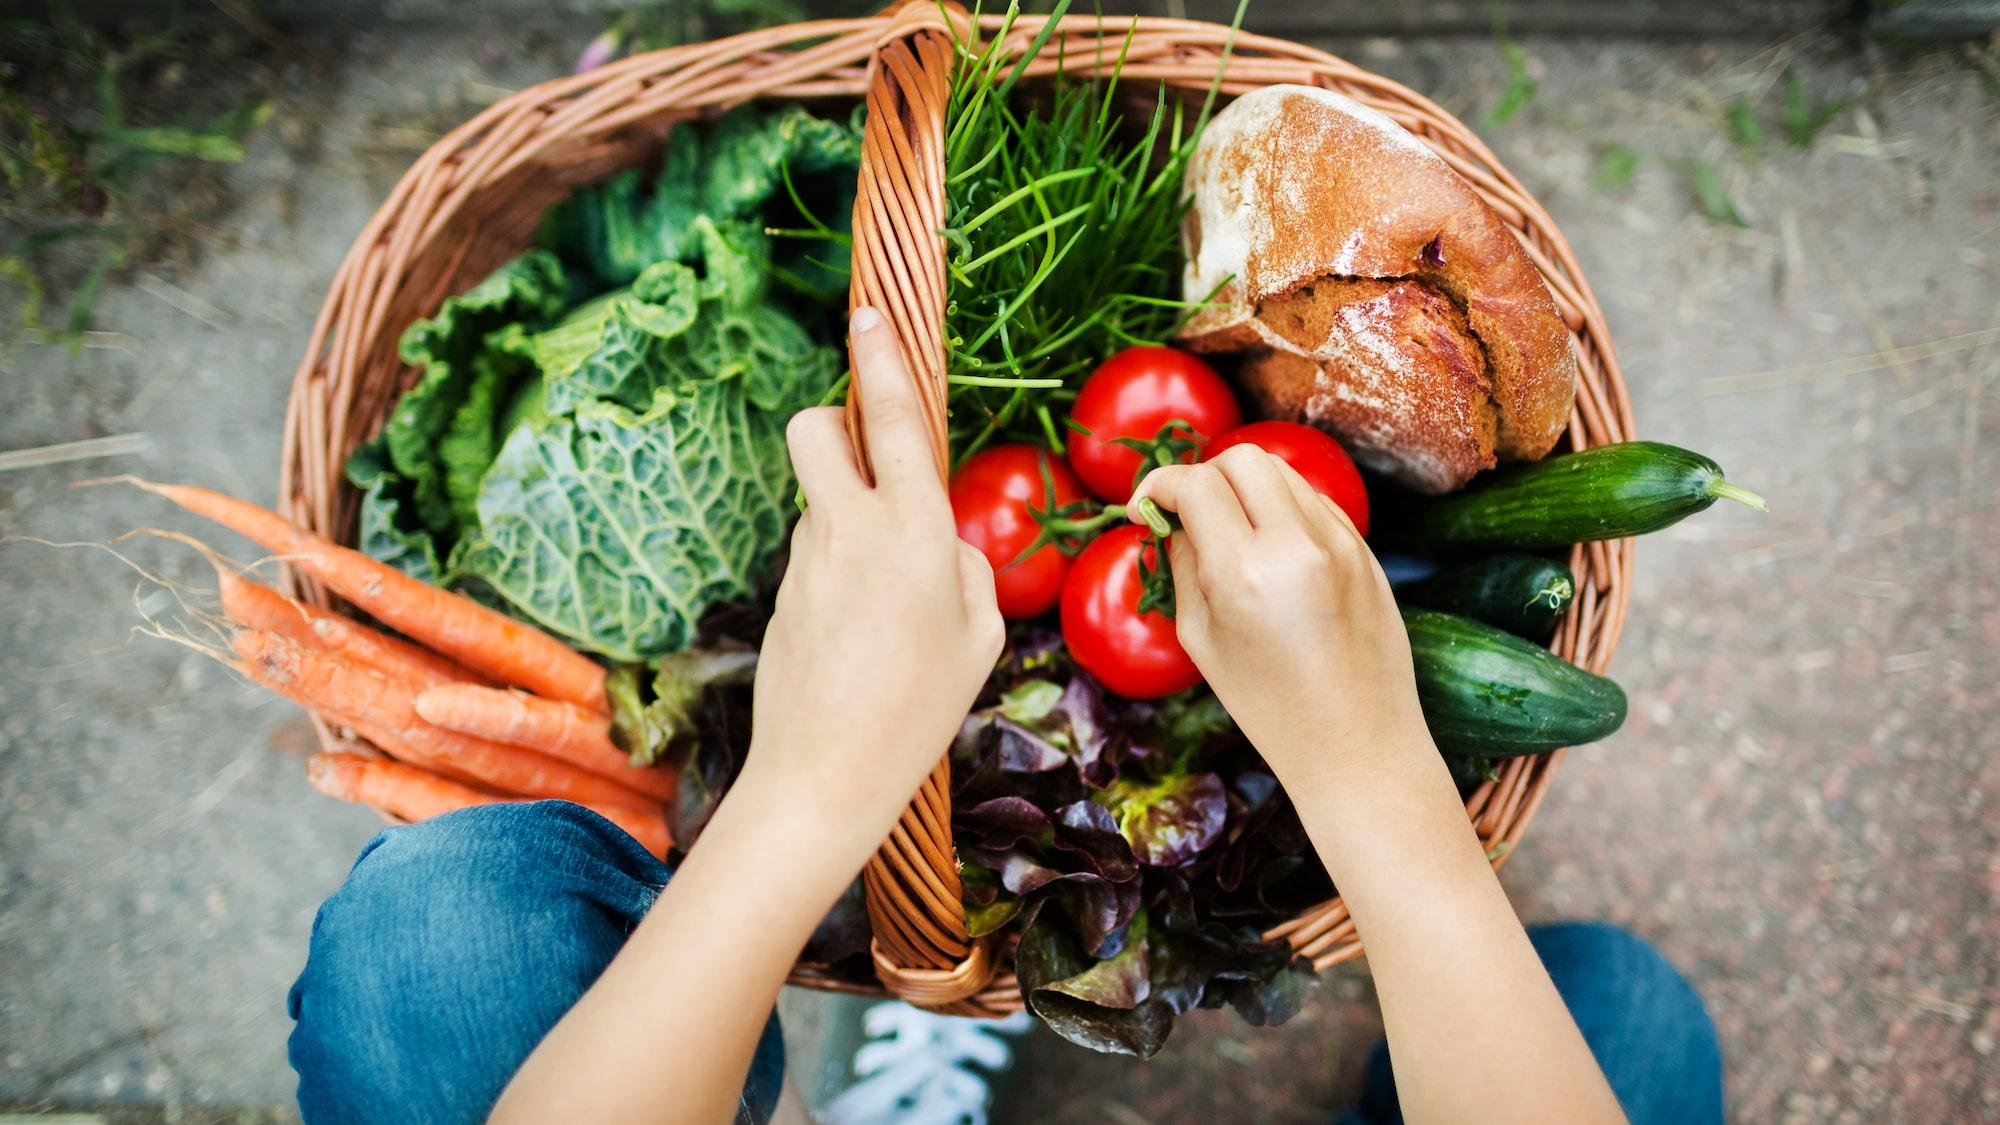 Abnehmtipps: Das steckt hinter derRenegade-Diät